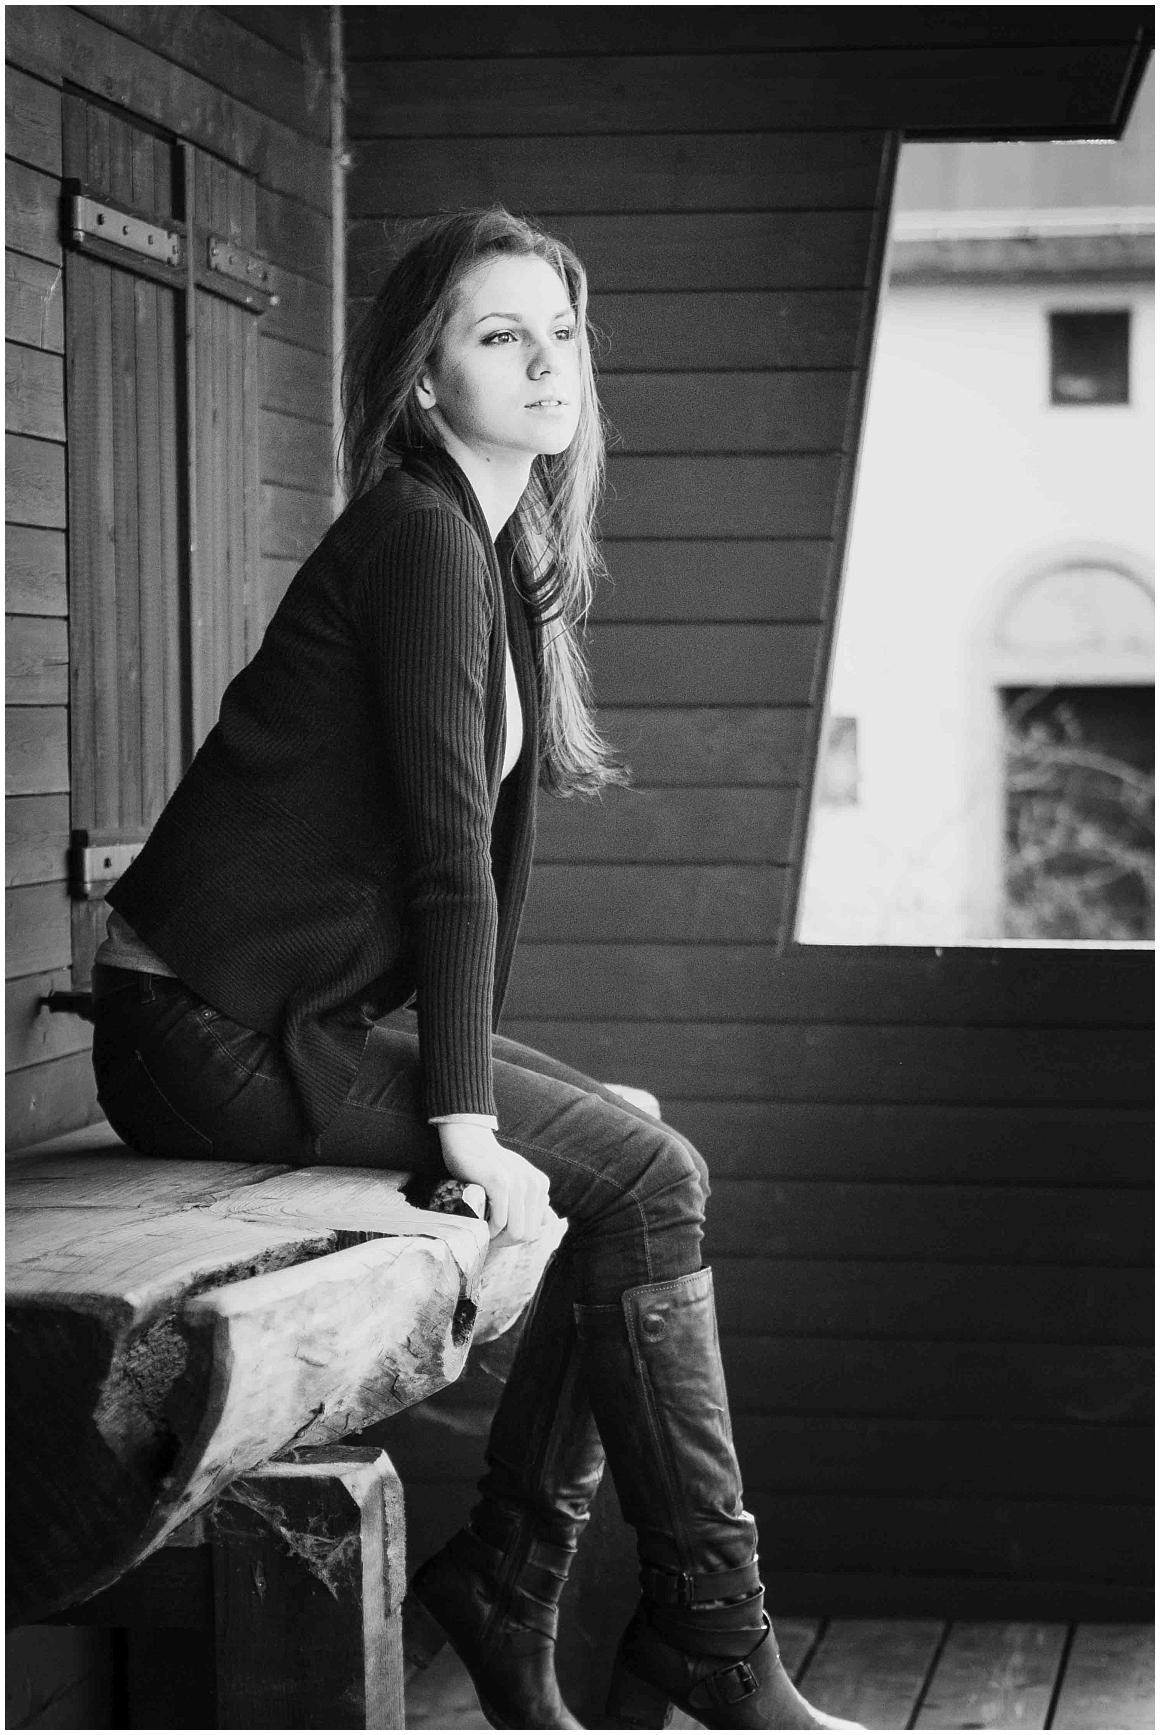 katrin-kind-portrait-fotografie-münchen-ammersee-photography-munich_0001.jpg